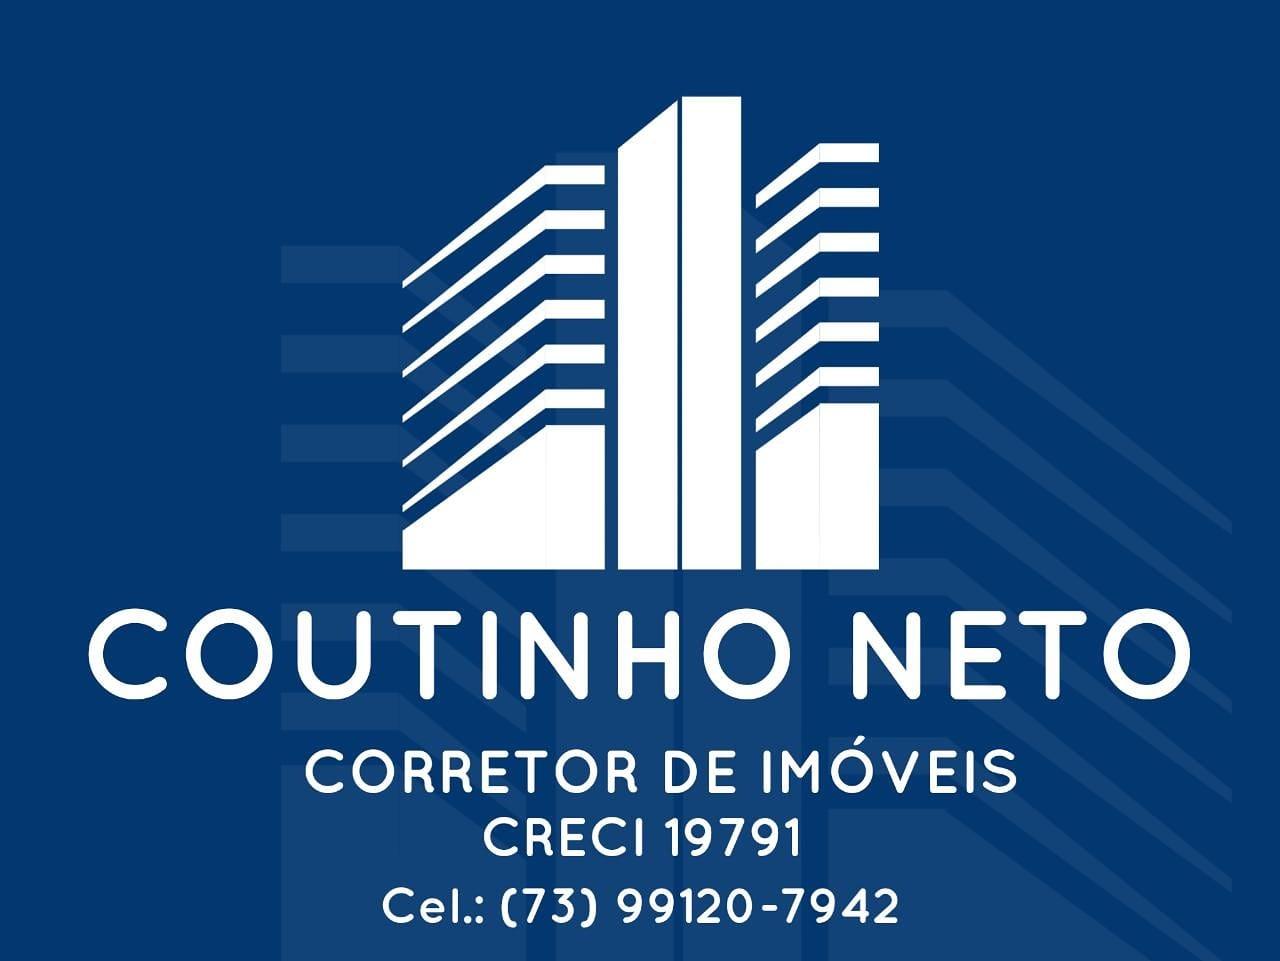 COUTINHO